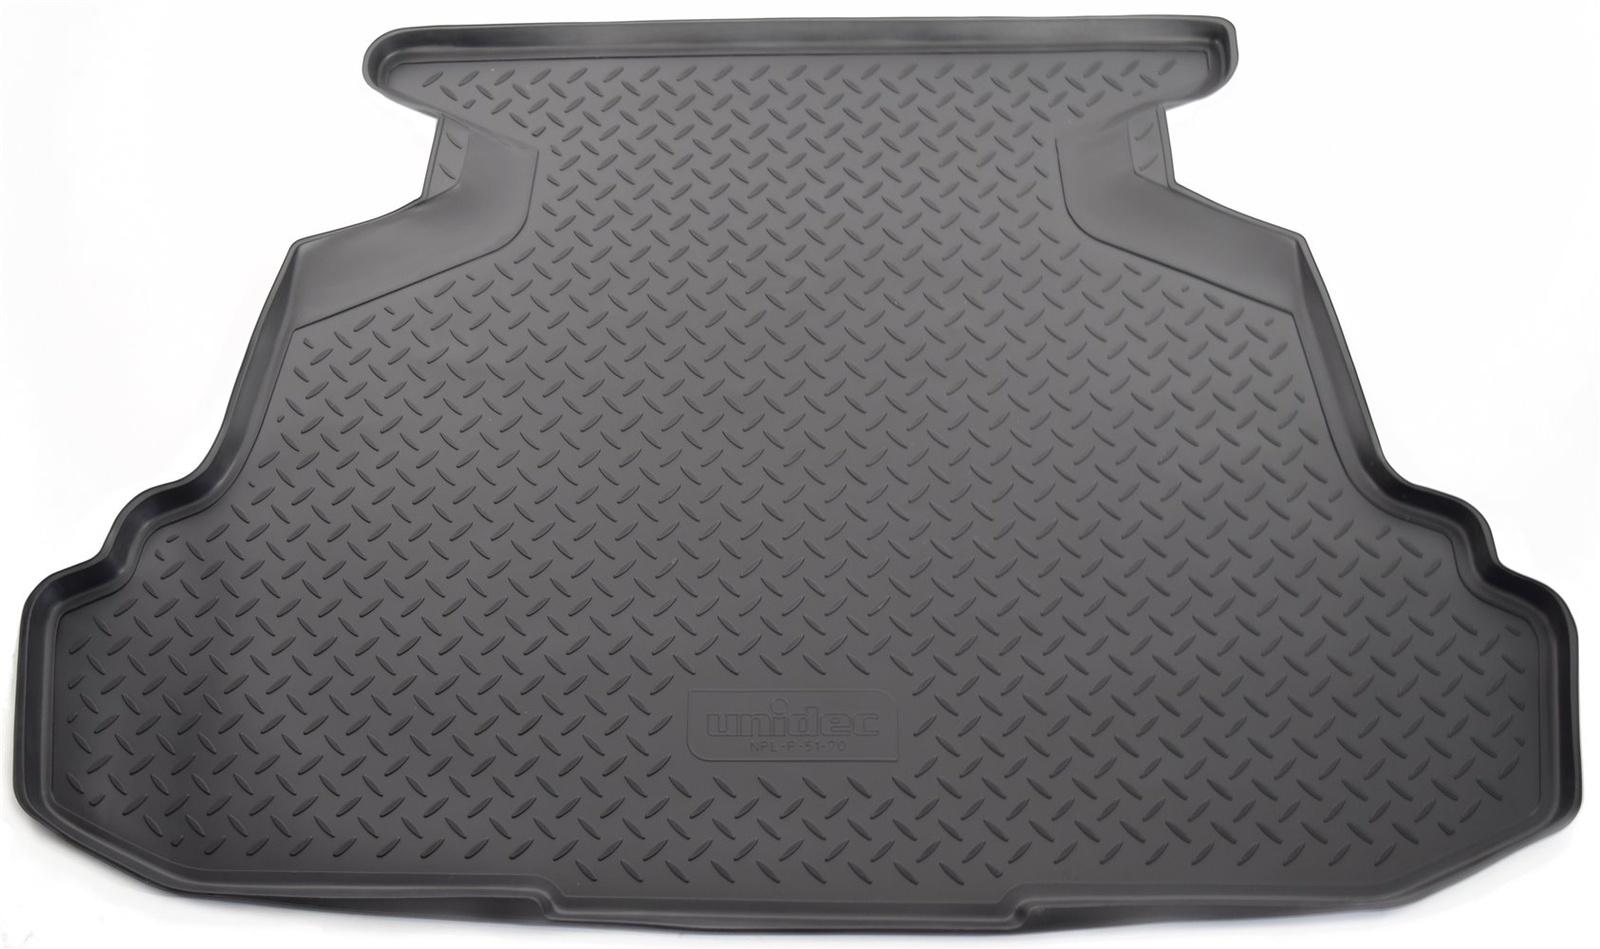 Коврик Norplast багажника для Lifan Solano SD, 2008, NPL-P-51-70, черный